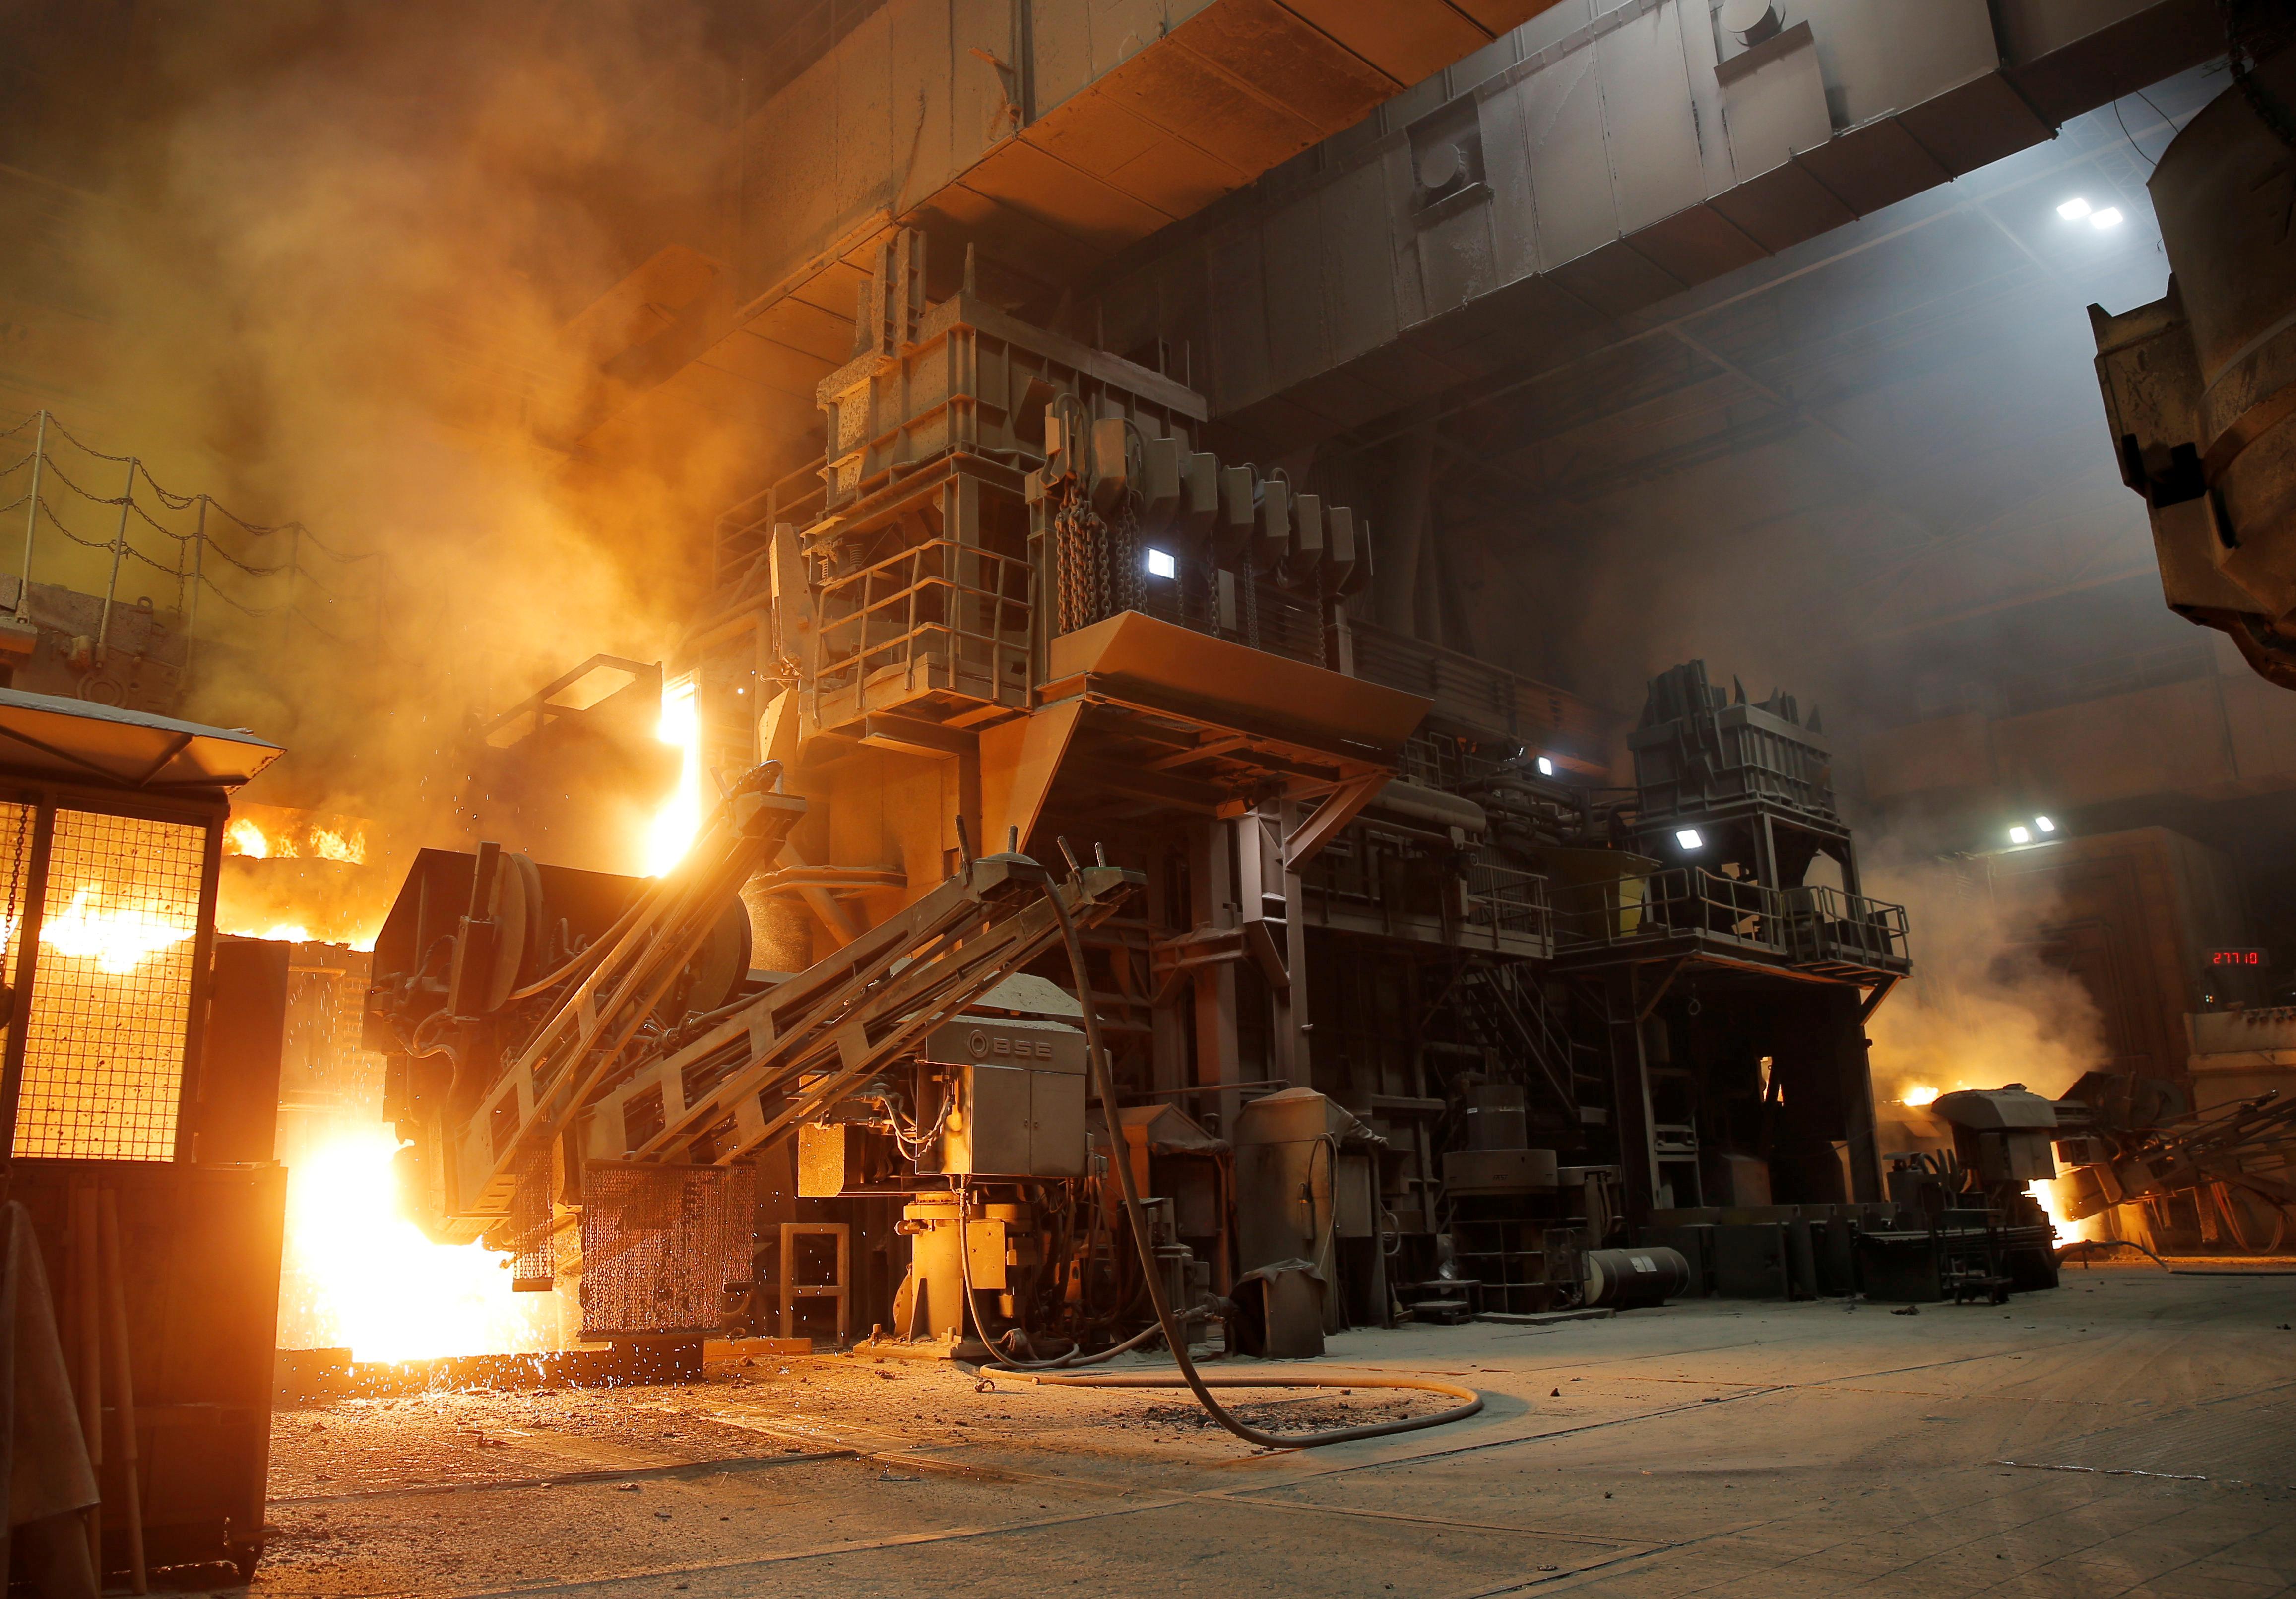 Warnungen trotz größtem Auftragsplus der Industrie seit 2017